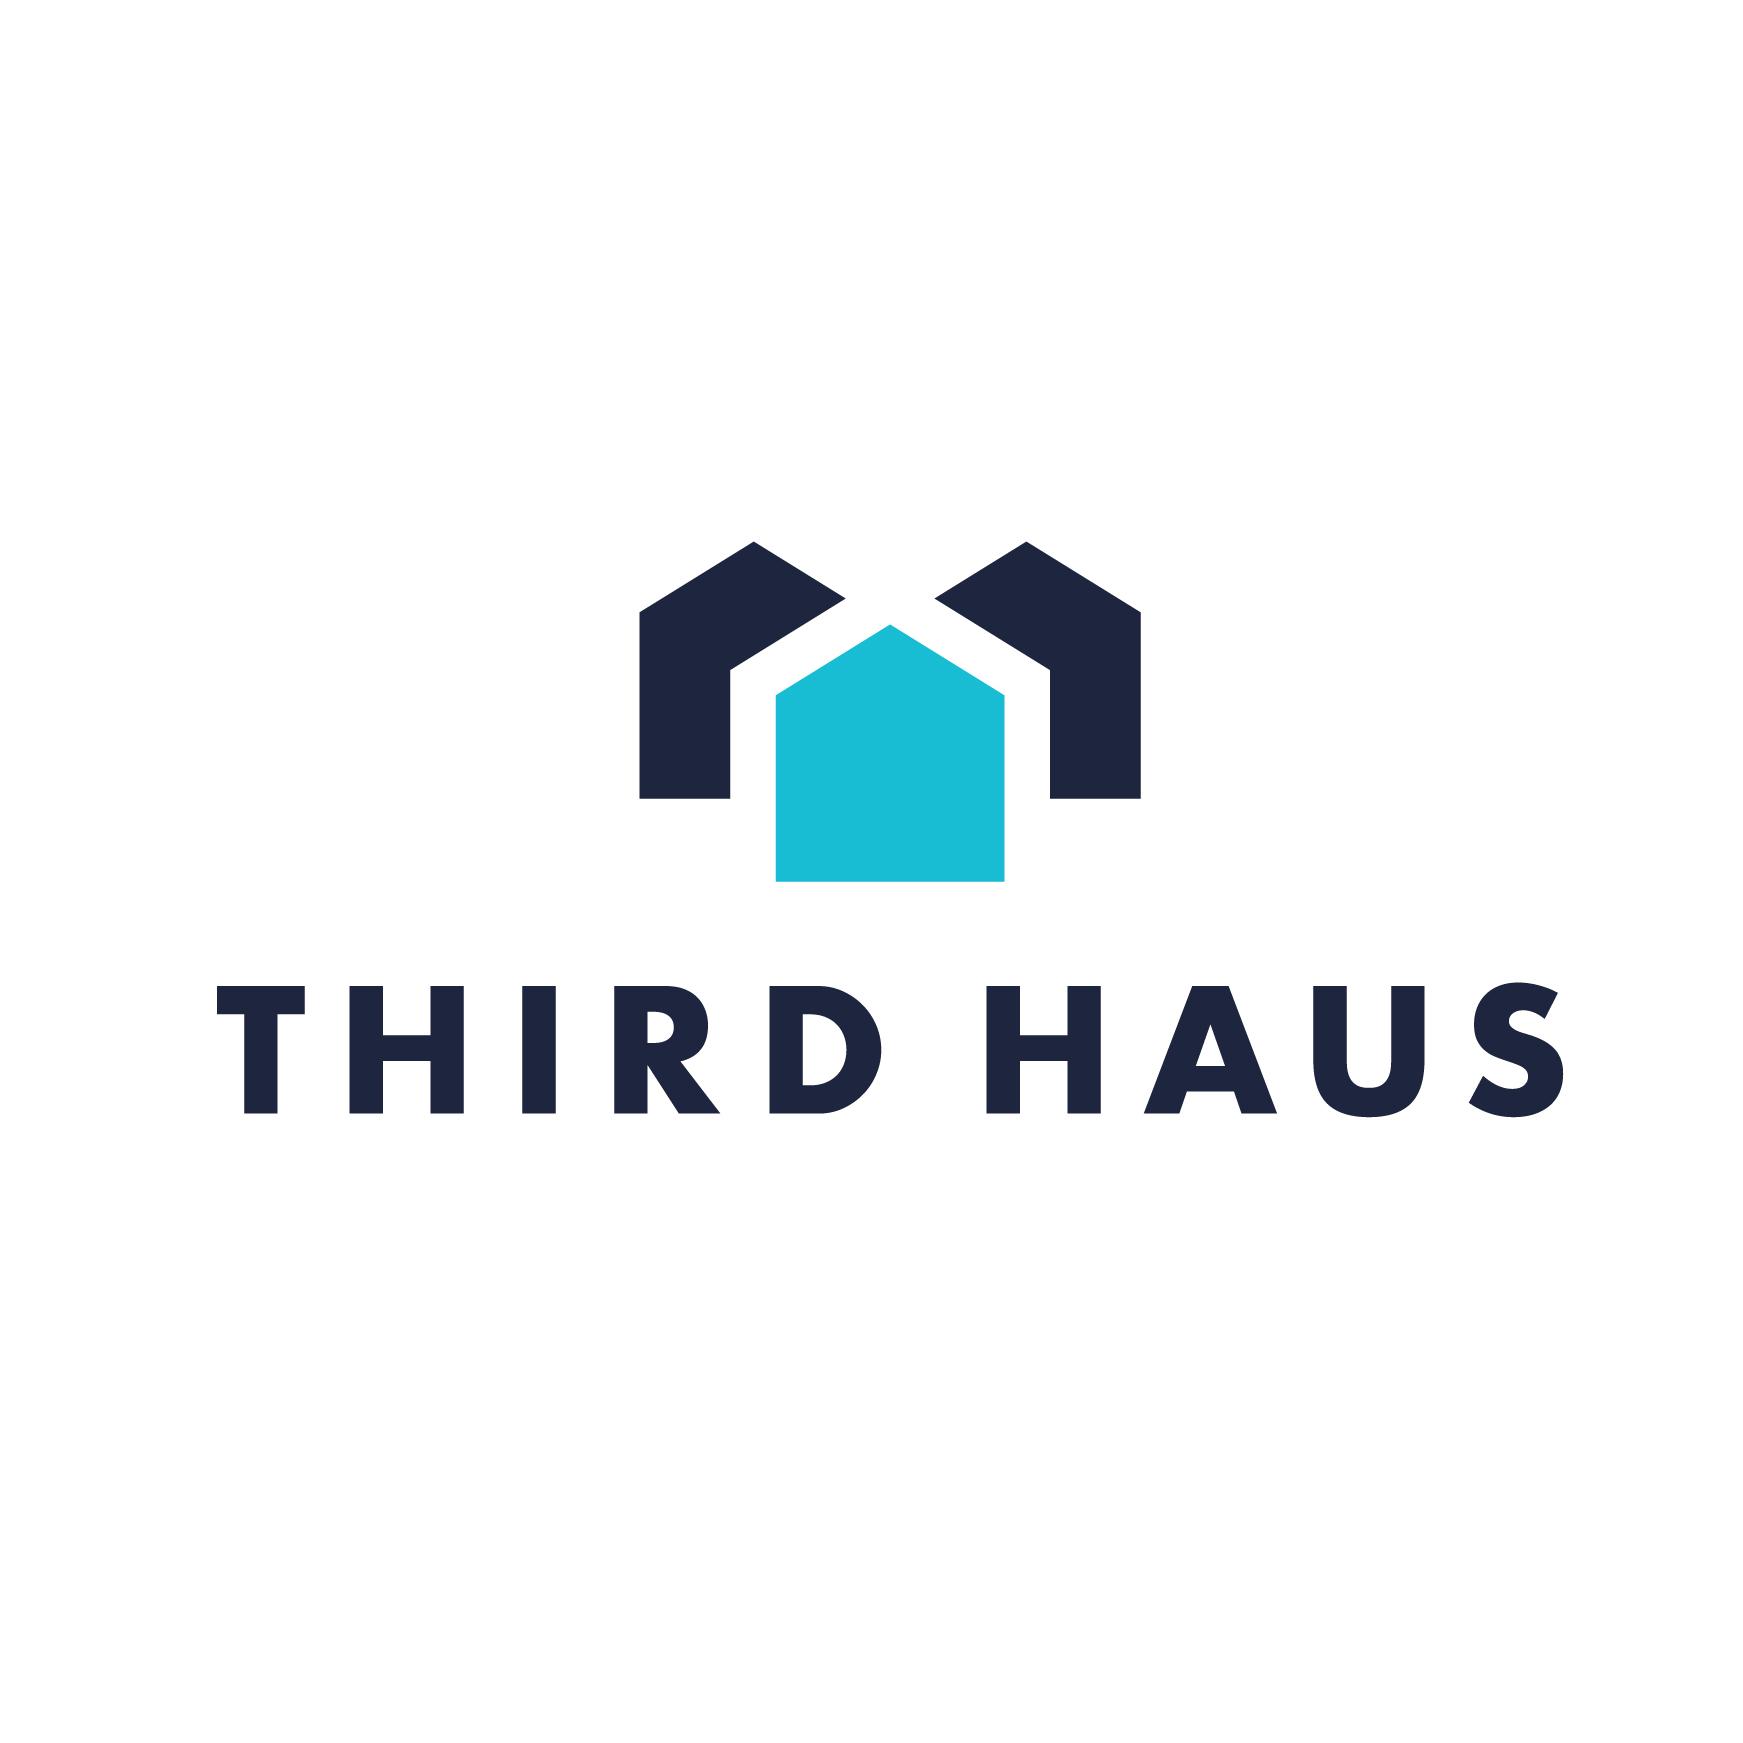 ThirdHausLogos_MainLogo_NavyBlue.jpg